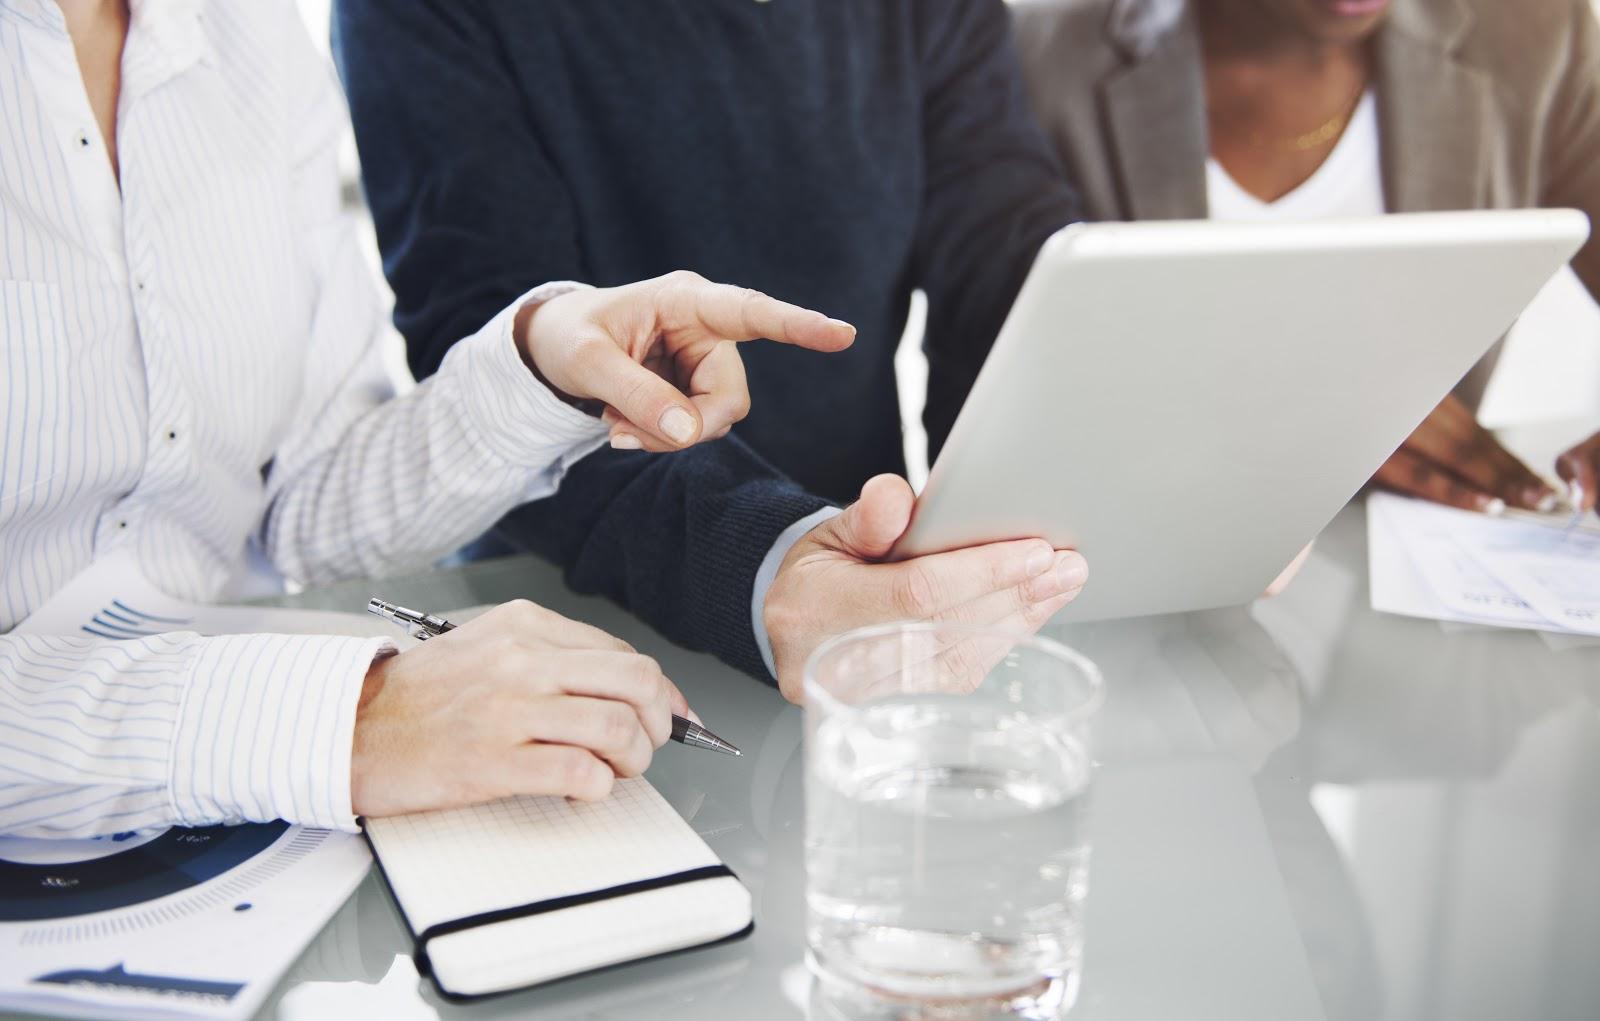 Uma pessoa segurando um tablet e uma mão do lado indicando para ele.